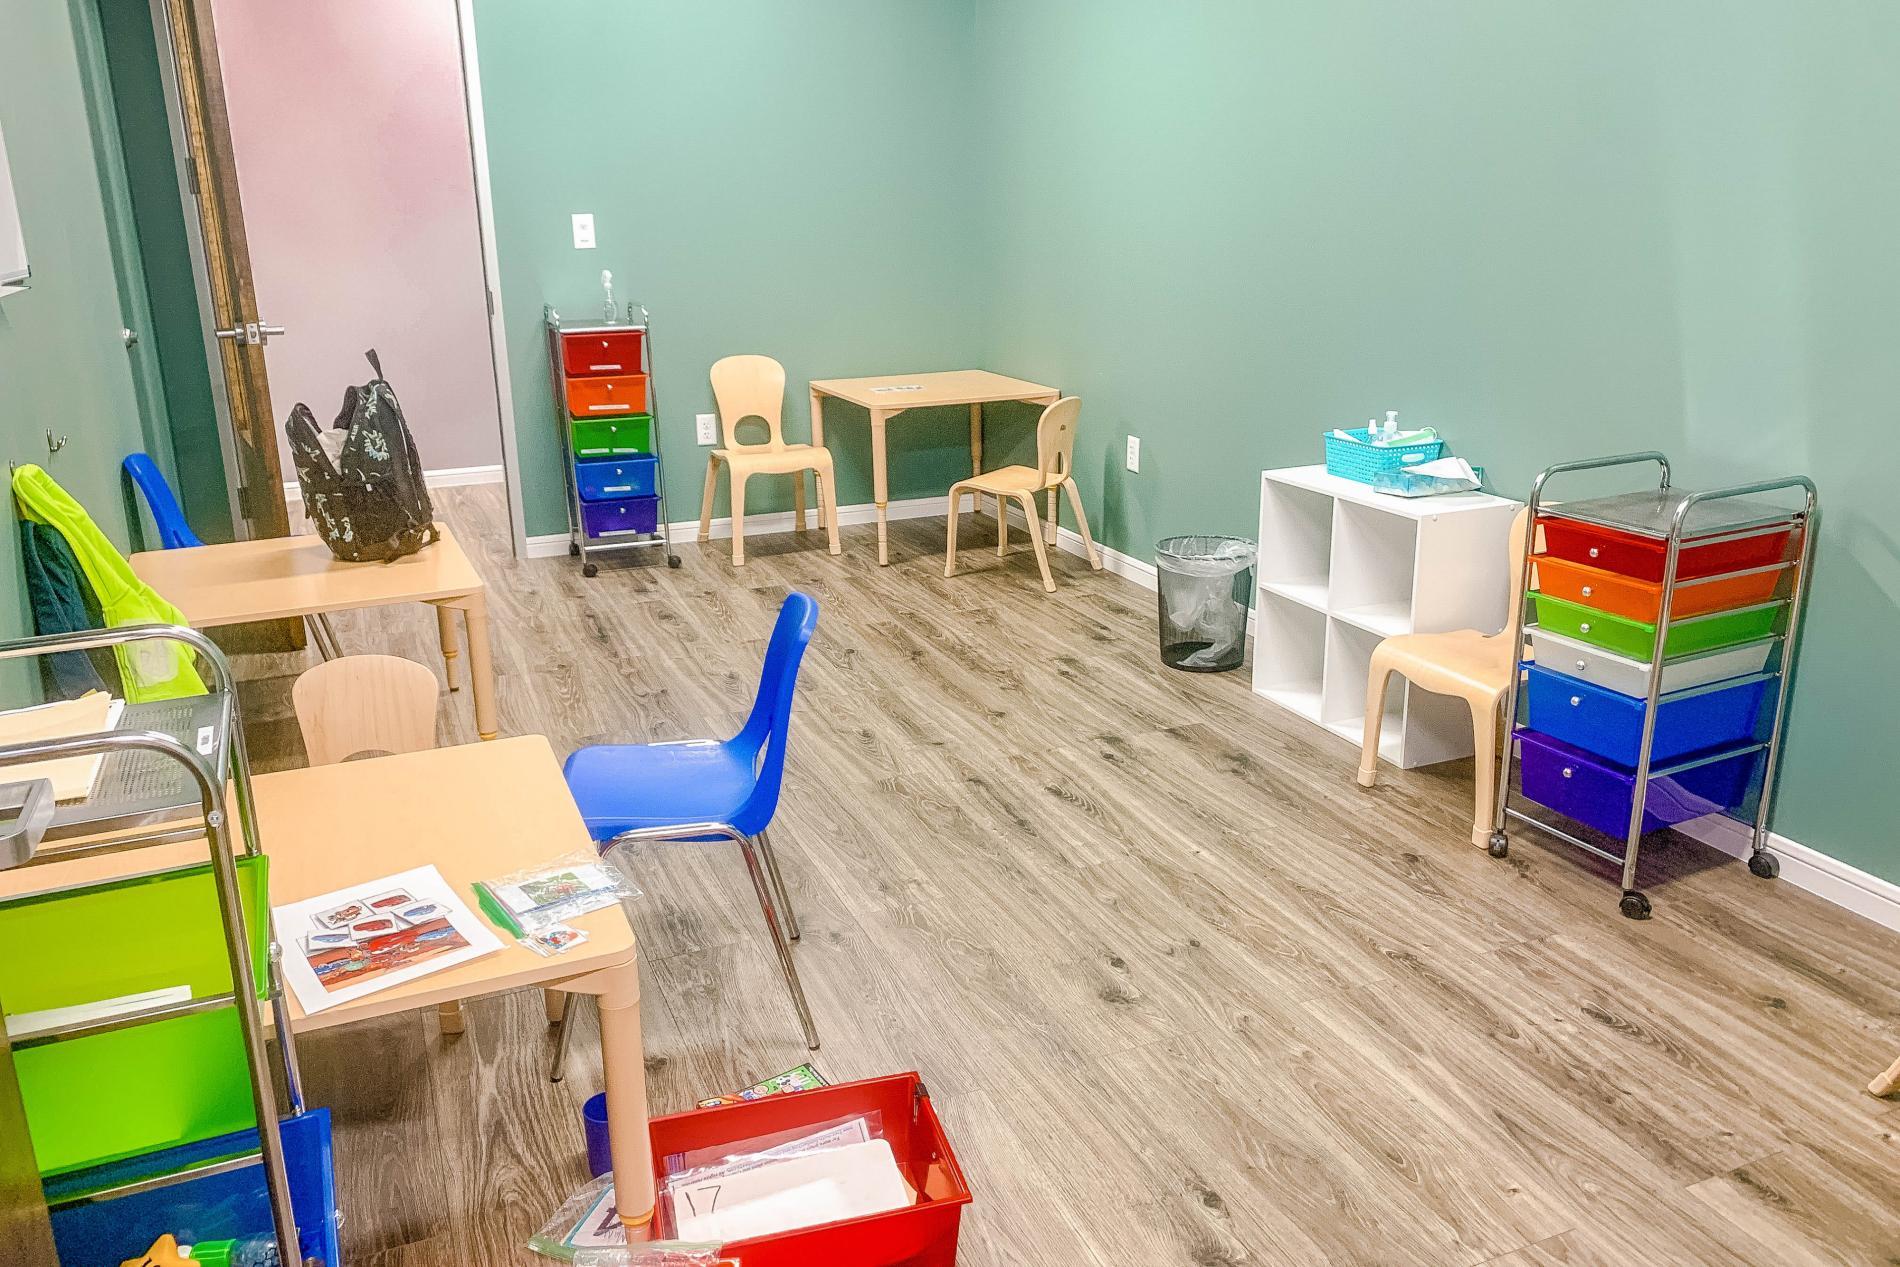 Apara Autism Center, Katy